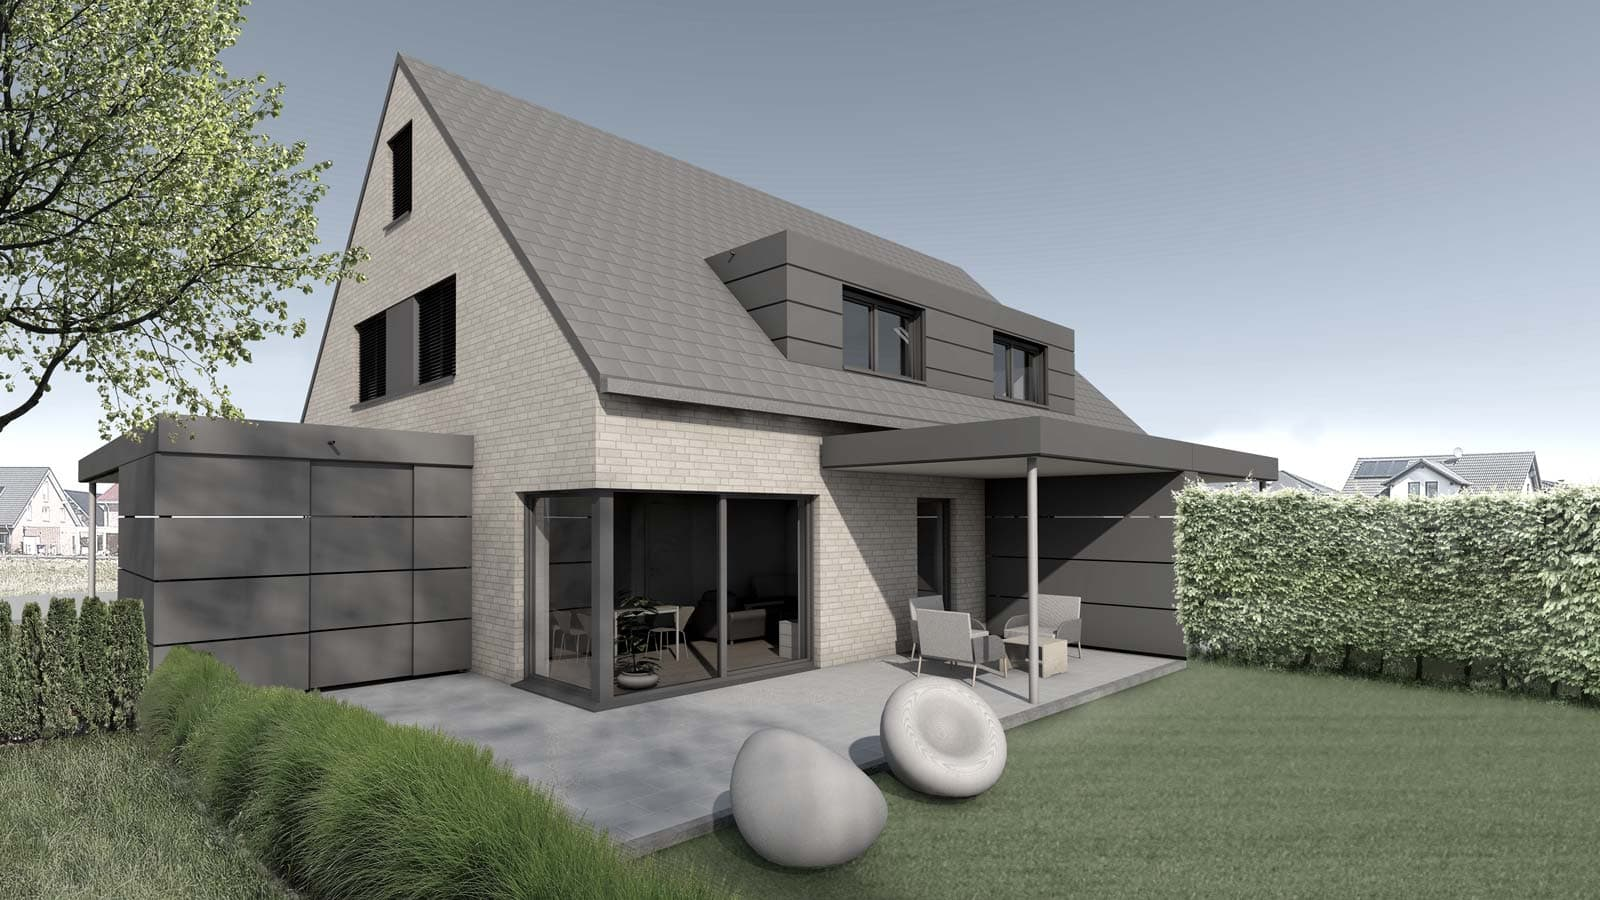 Neubau Doppelhaus in Nordwalde, Waterkamp-Immobilien, Holtfrerich Architekten